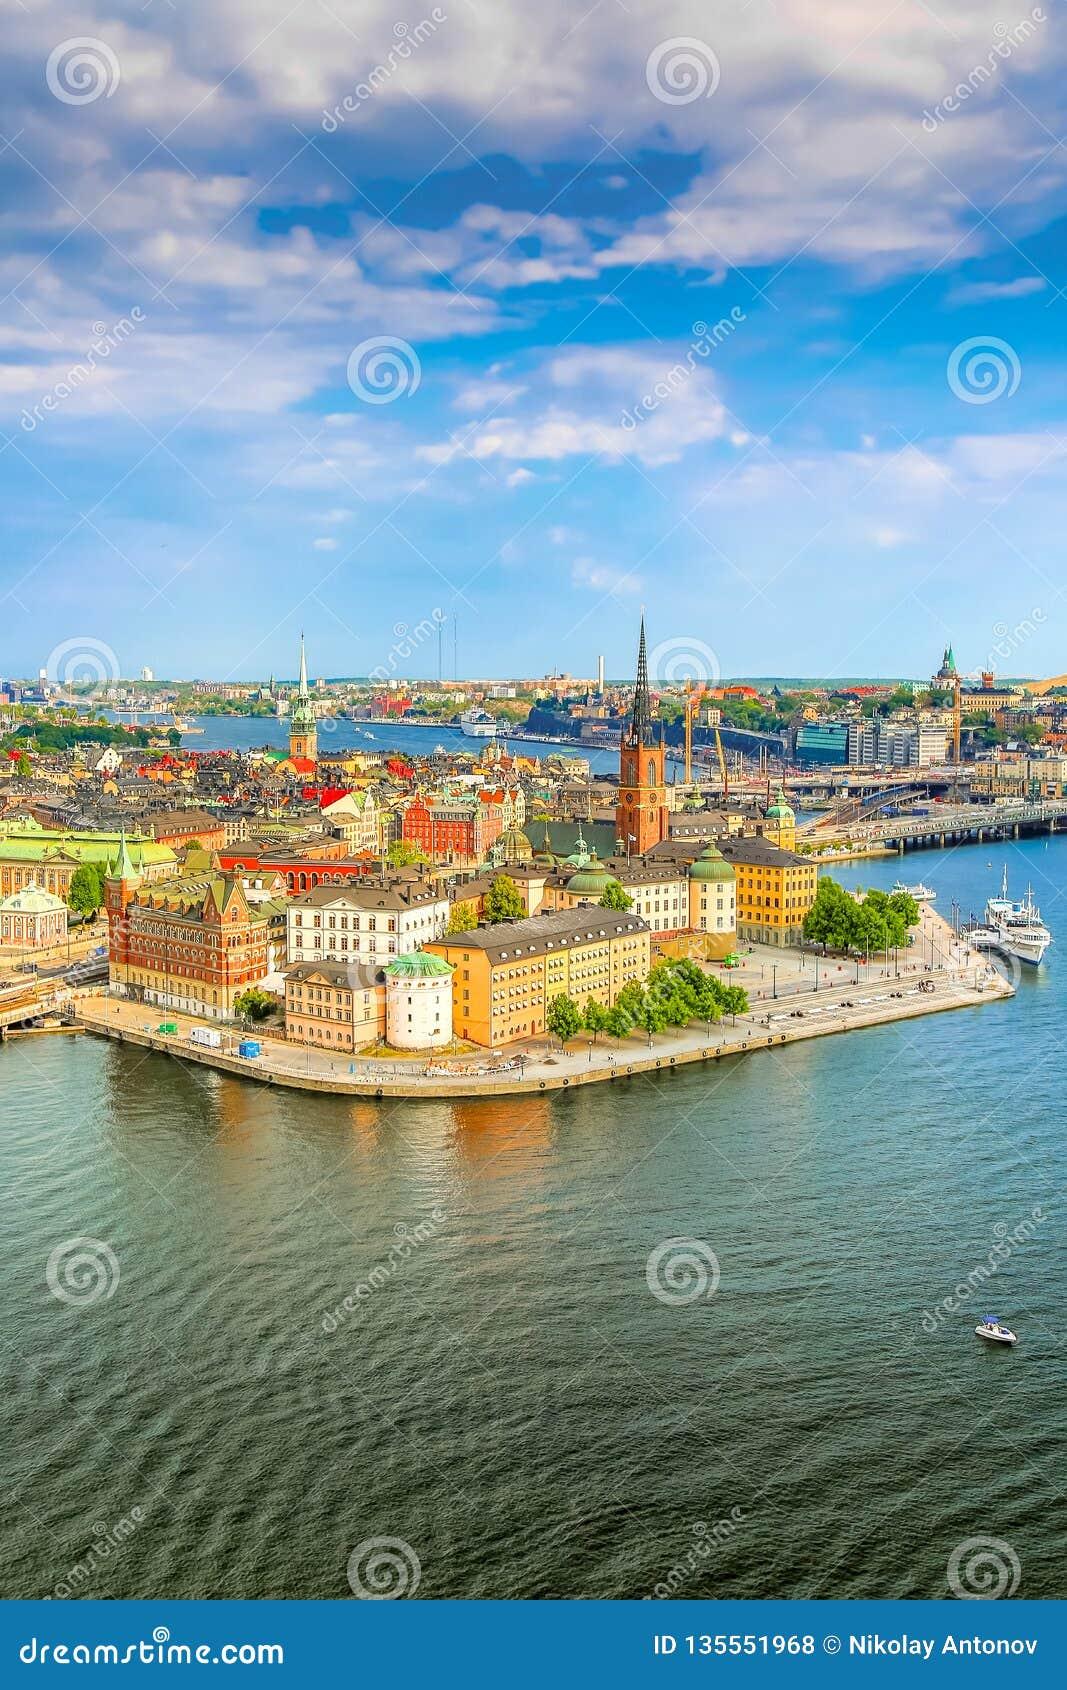 Gamla斯坦,斯德哥尔摩在一个晴朗的夏日,瑞典的老部分 从斯德哥尔摩市政厅Stadshuset的鸟瞰图